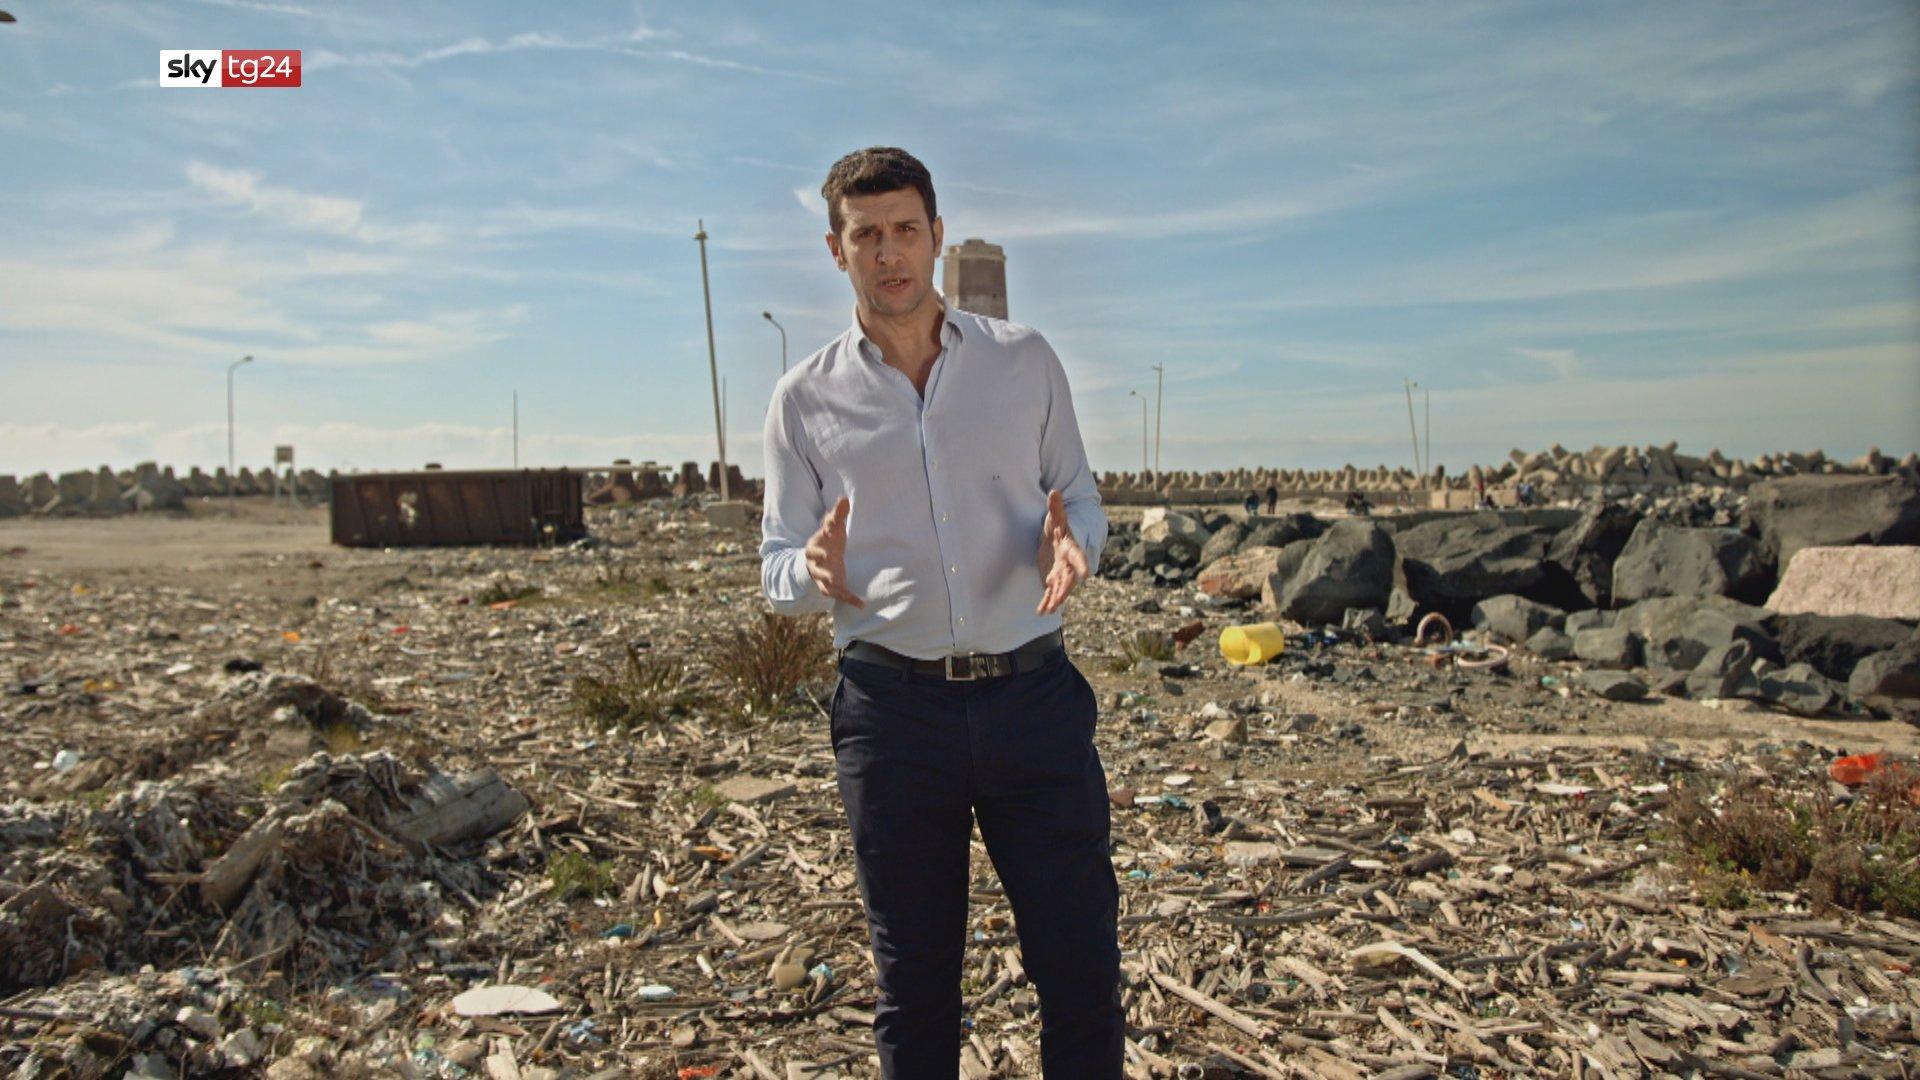 Sky TG24, «Odissea Plastica» impatto ecosistema tra problemi e falsi miti